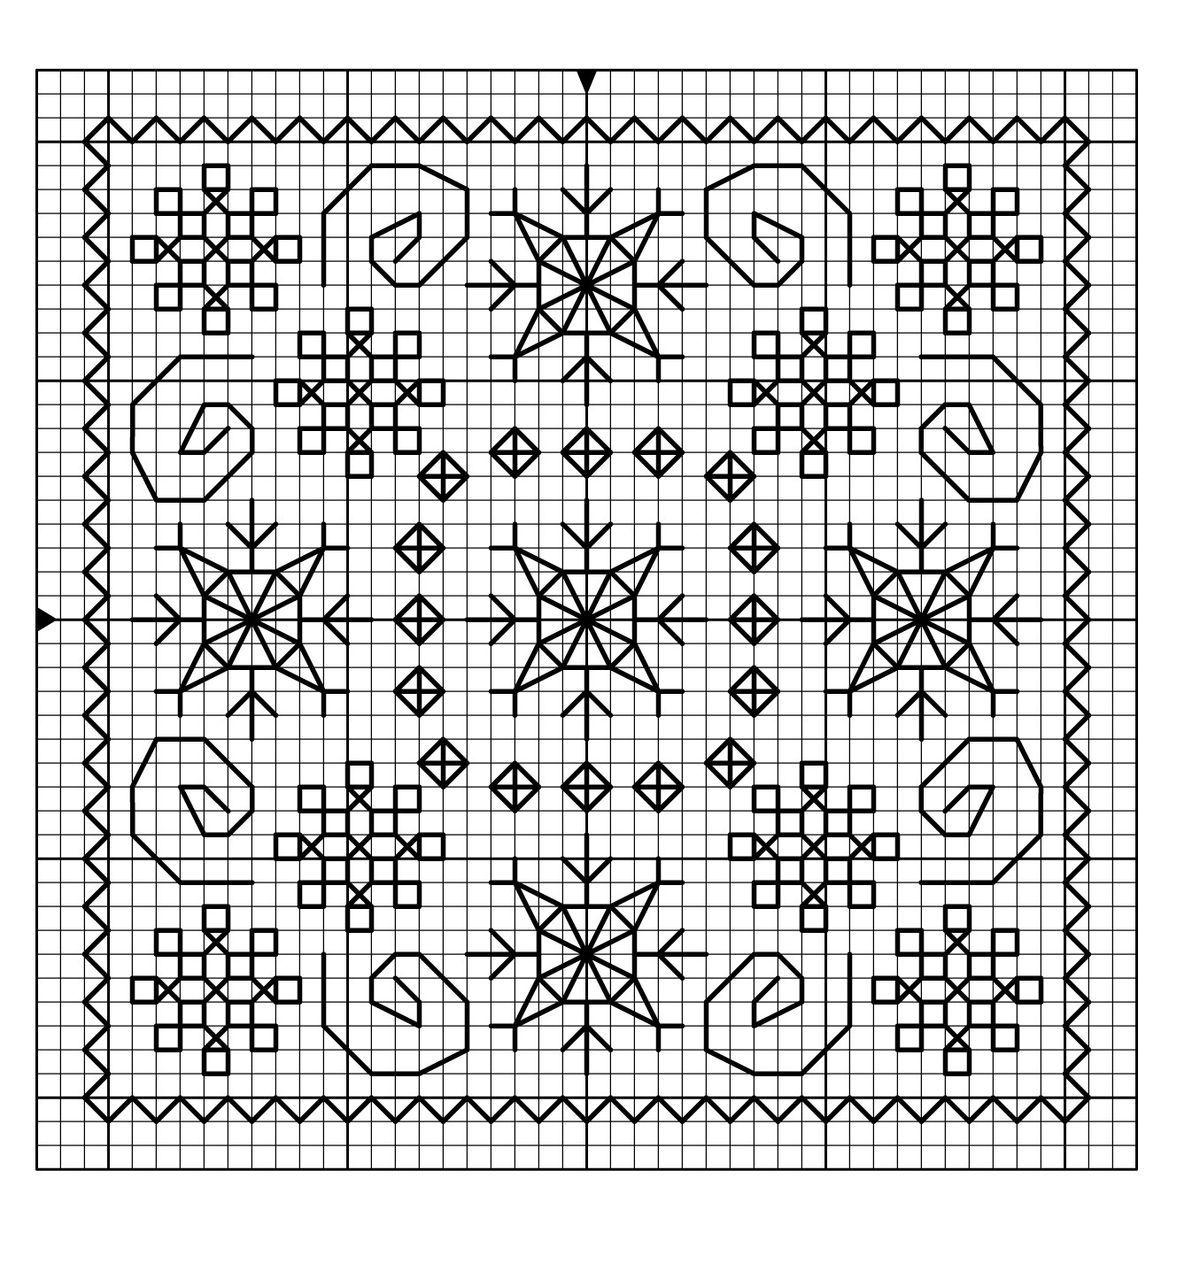 Blackwork Patterns Awesome Inspiration Design